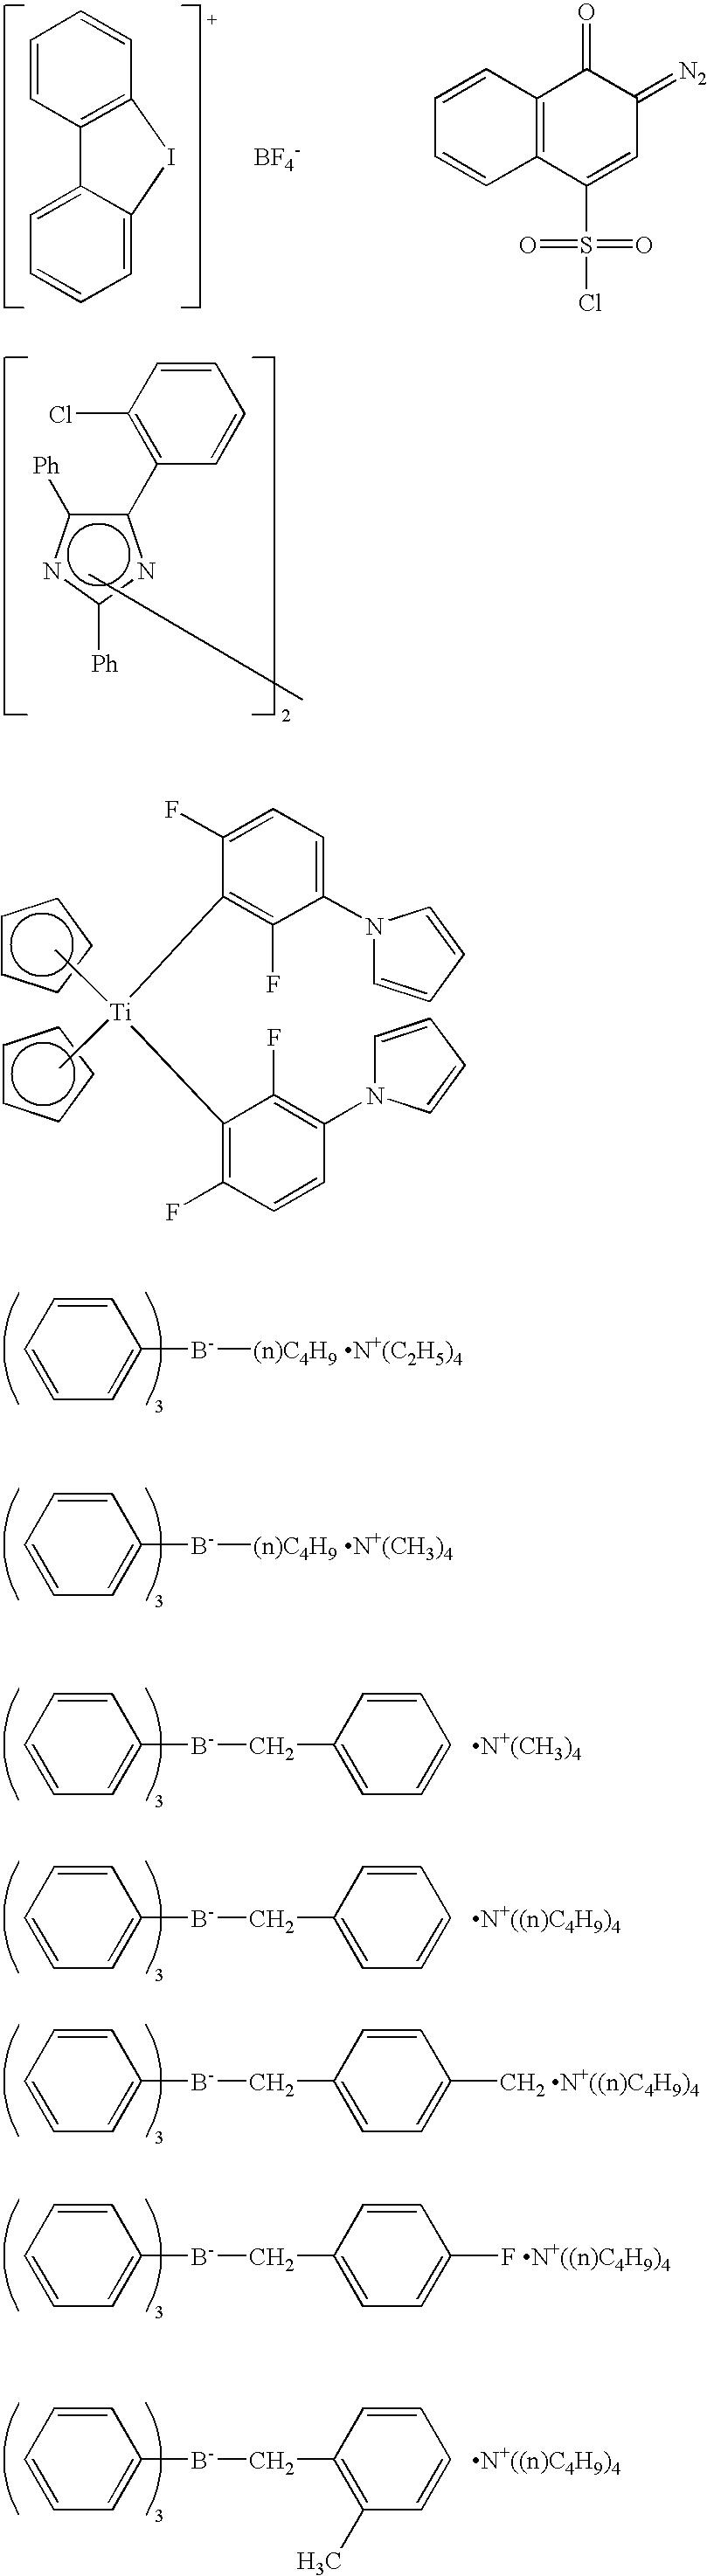 Figure US20070225404A1-20070927-C00007